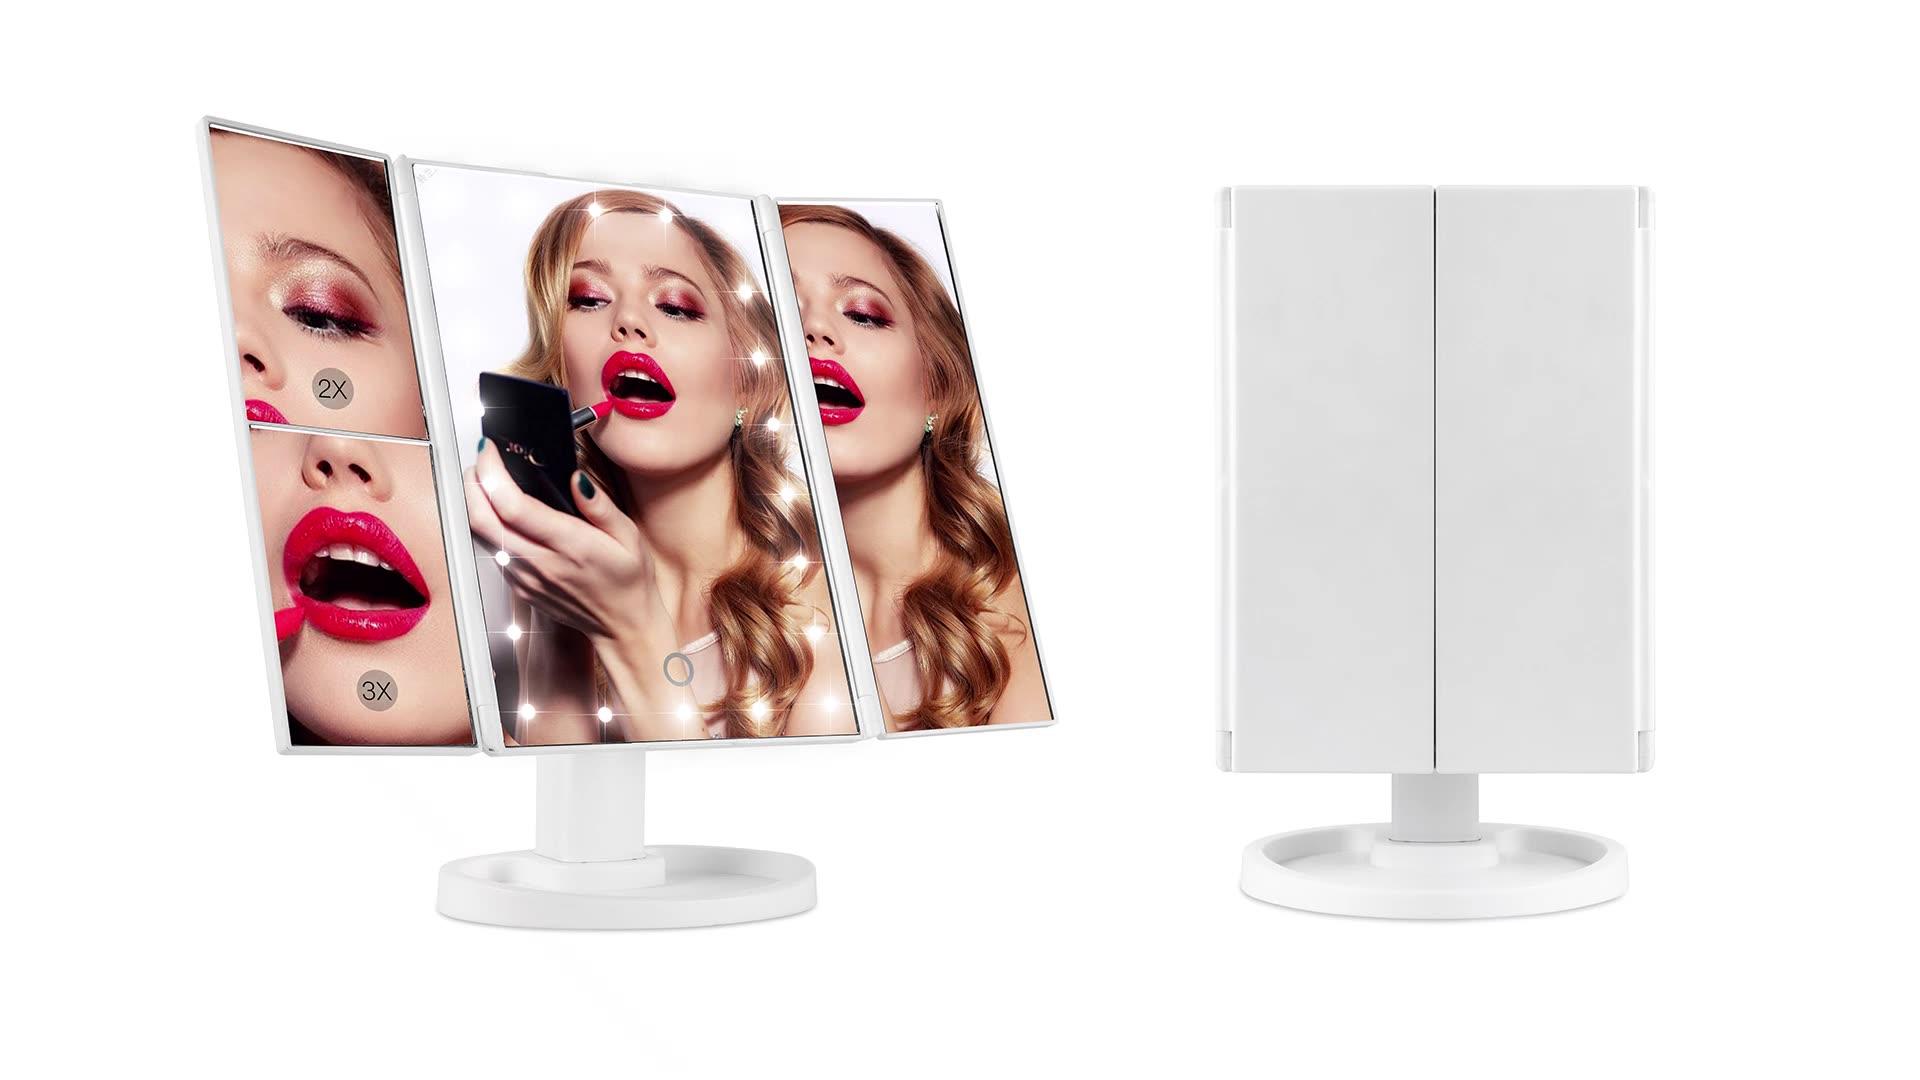 조정 usb 전원 전기 도매 화장품 조명이 접힌 화장 거울 led 빛